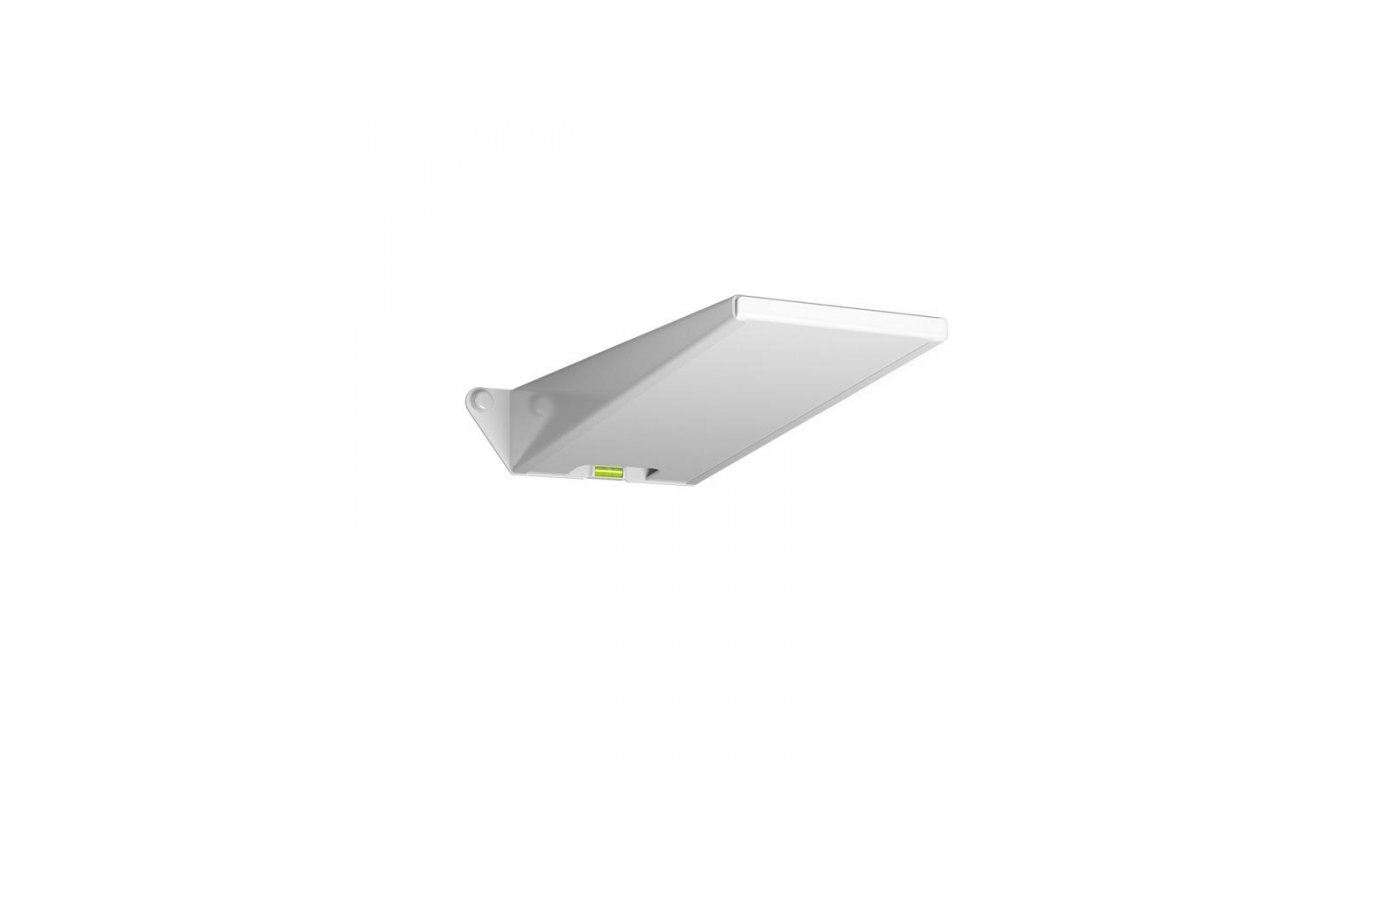 Кронштейн для СВЧ Holder SKA-K2-W Кронштейн белый